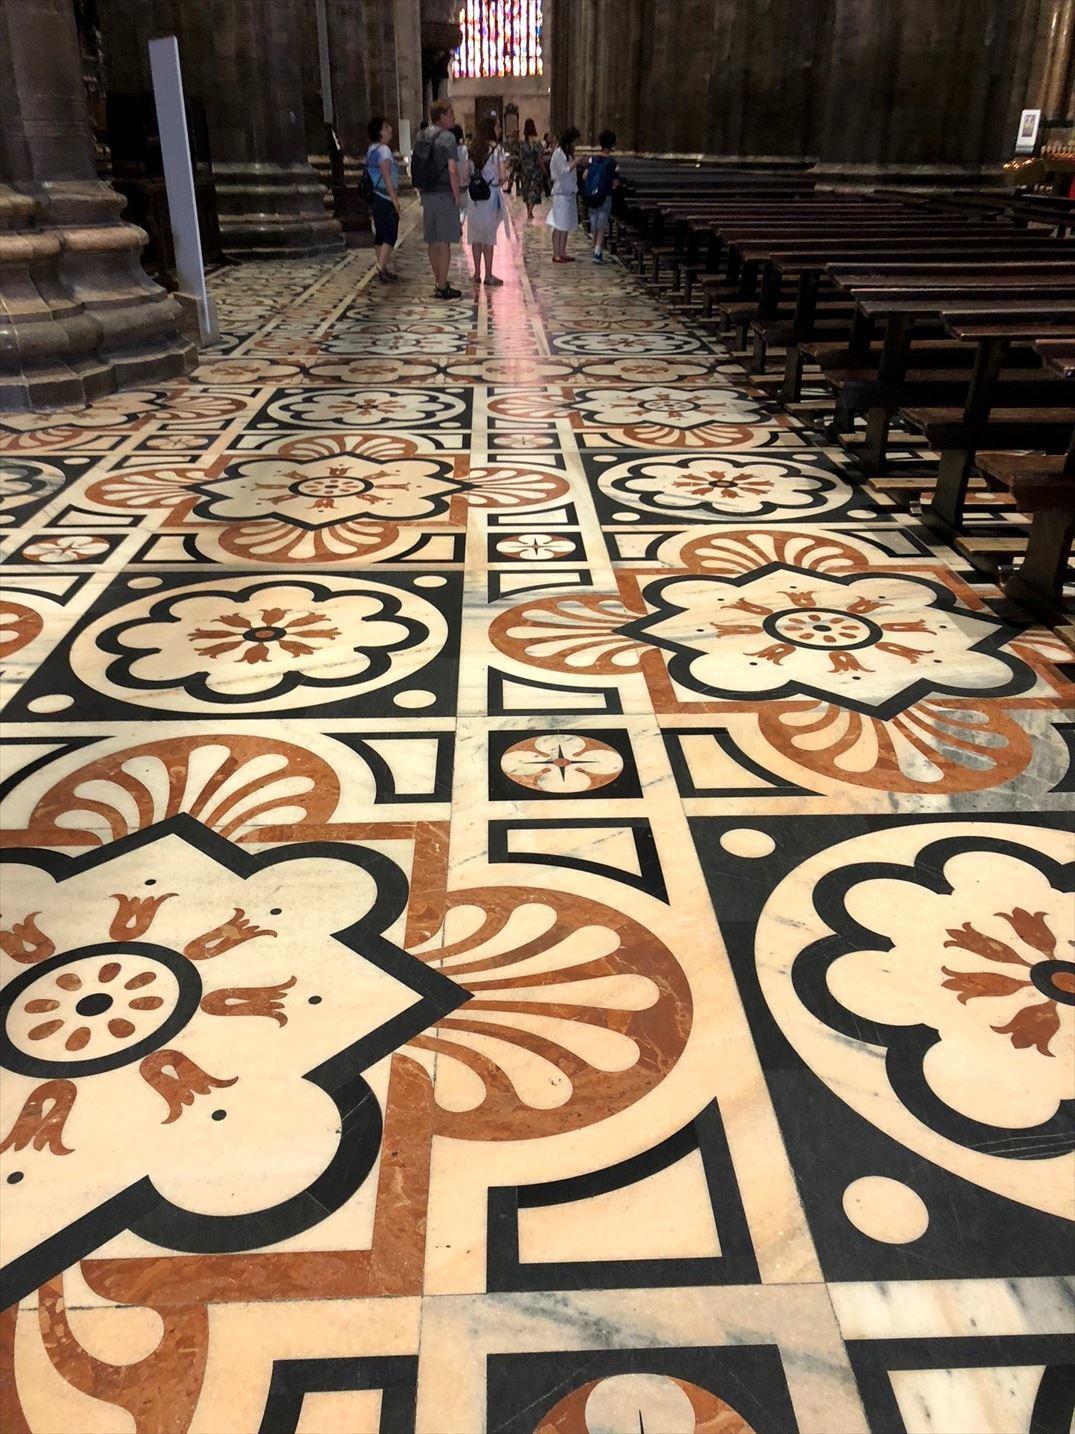 シチリア/44  荘厳なミラノ大聖堂 Ⅱ_a0092659_19034805.jpg